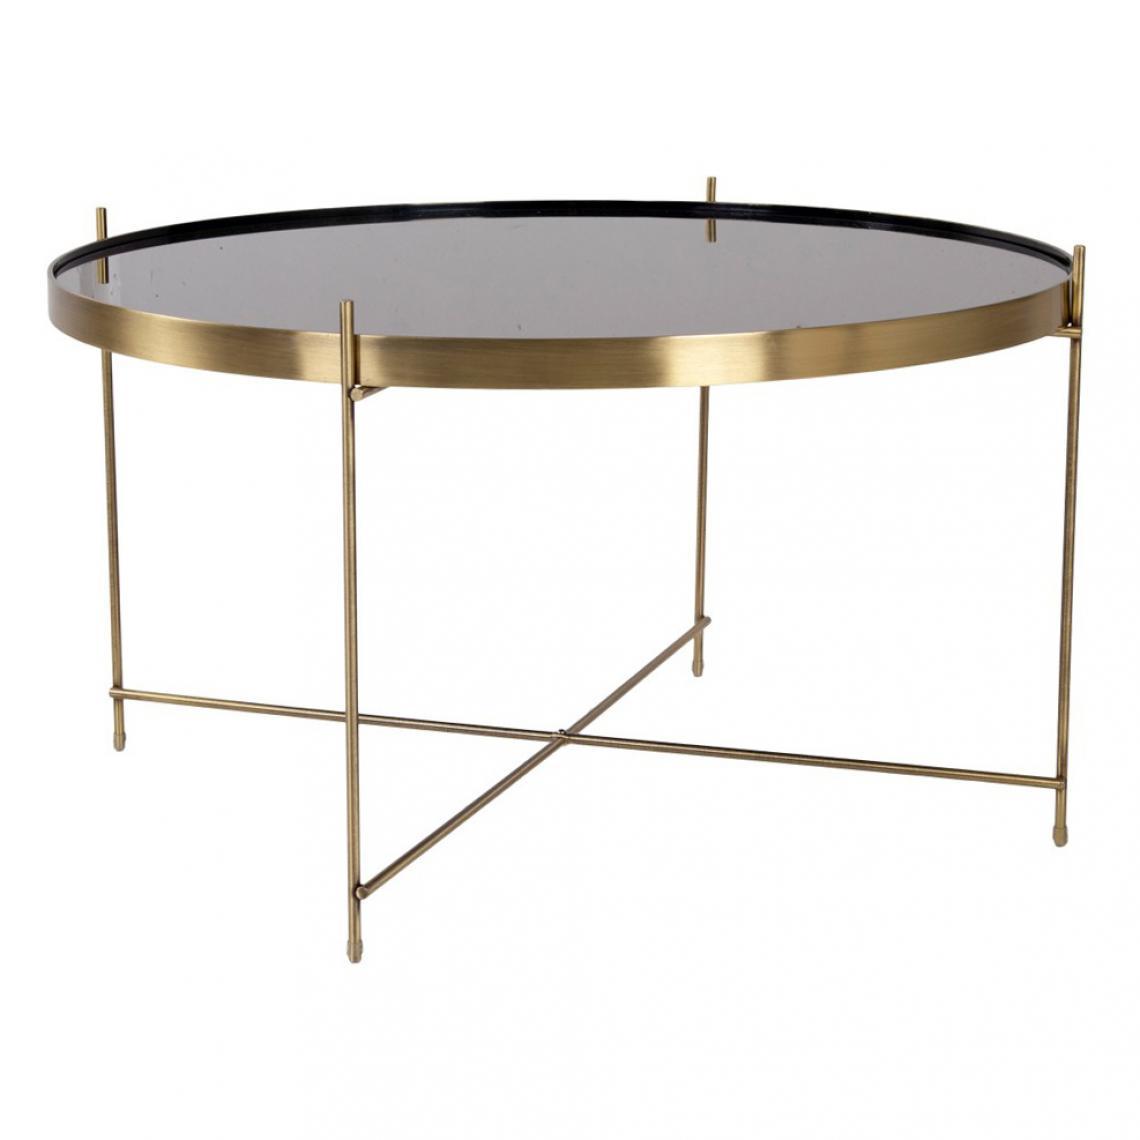 Table Basse Ronde Art Deco table basse ronde 70 cm en verre et en acier doré flouse plus de détails